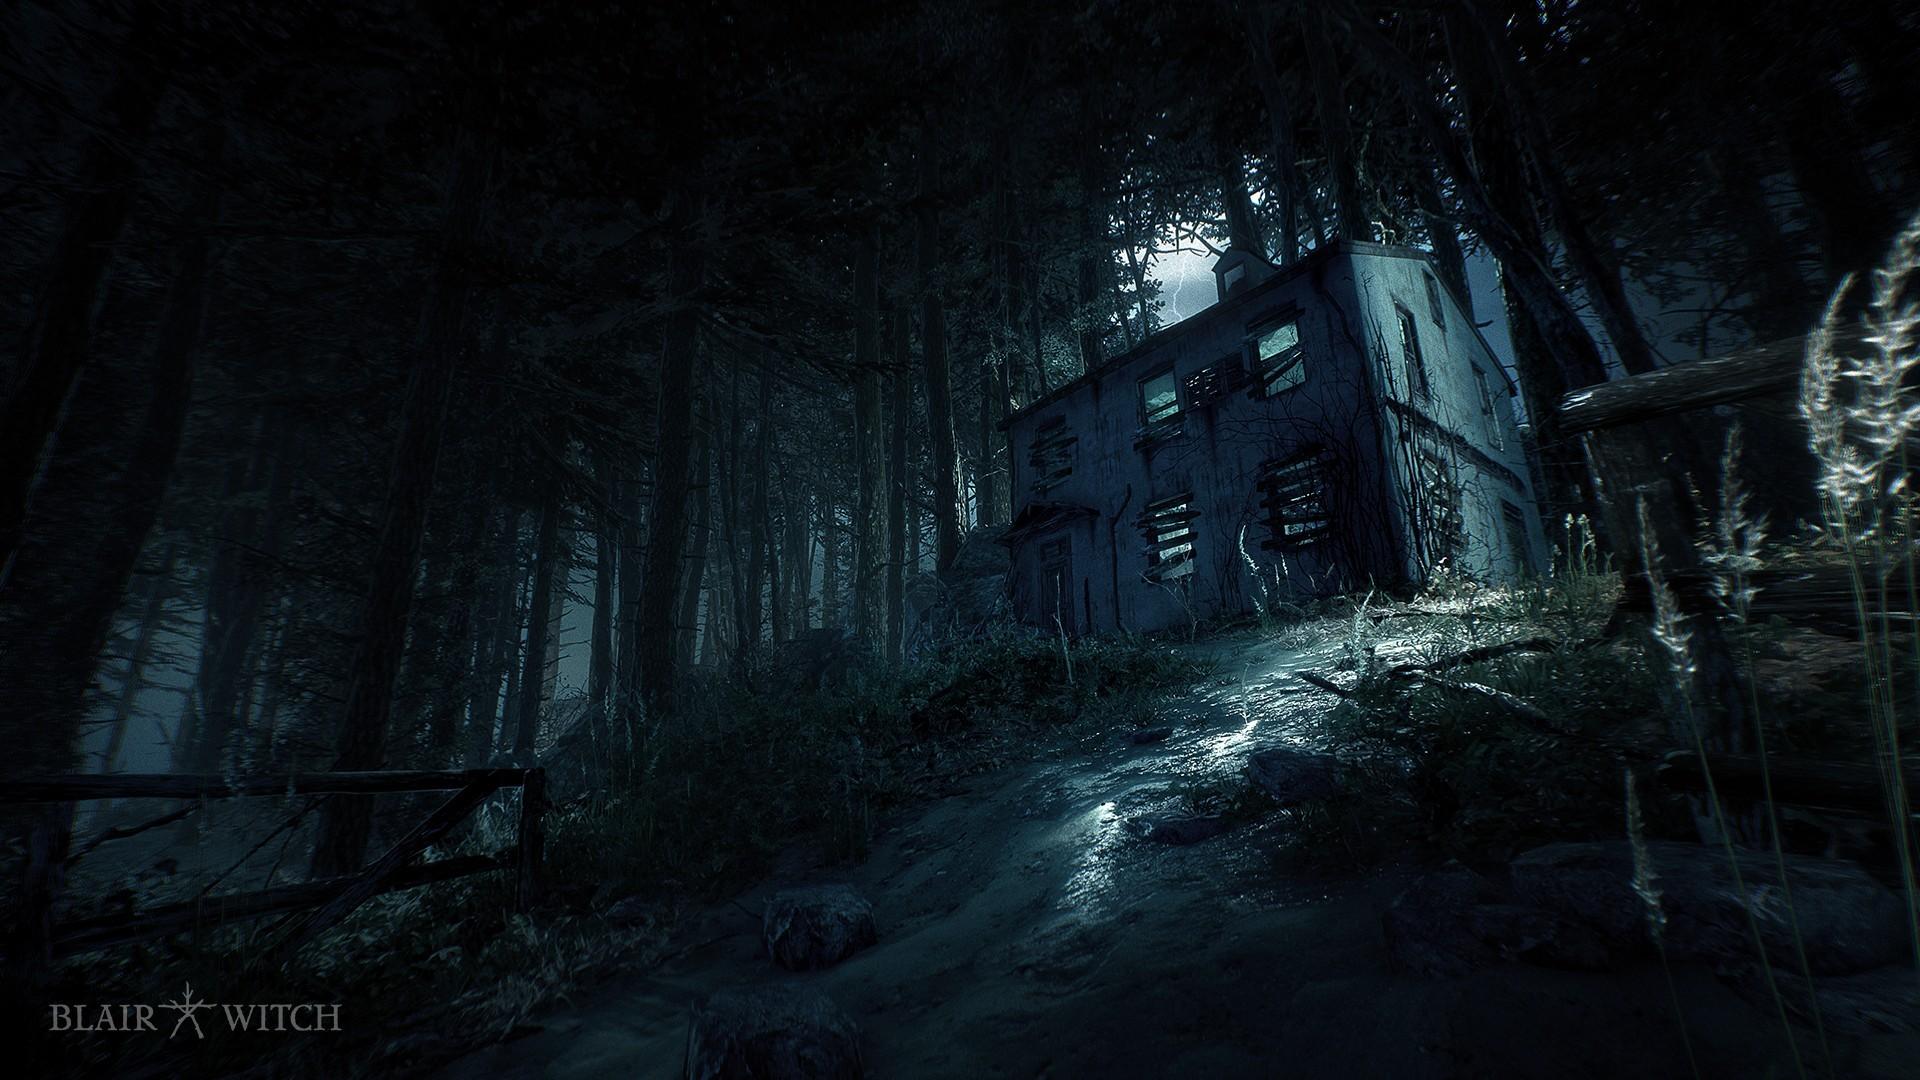 Гайд: Где найти все фотографии в Blair Witch и получить достижения Lost in the woods и Picture perfect